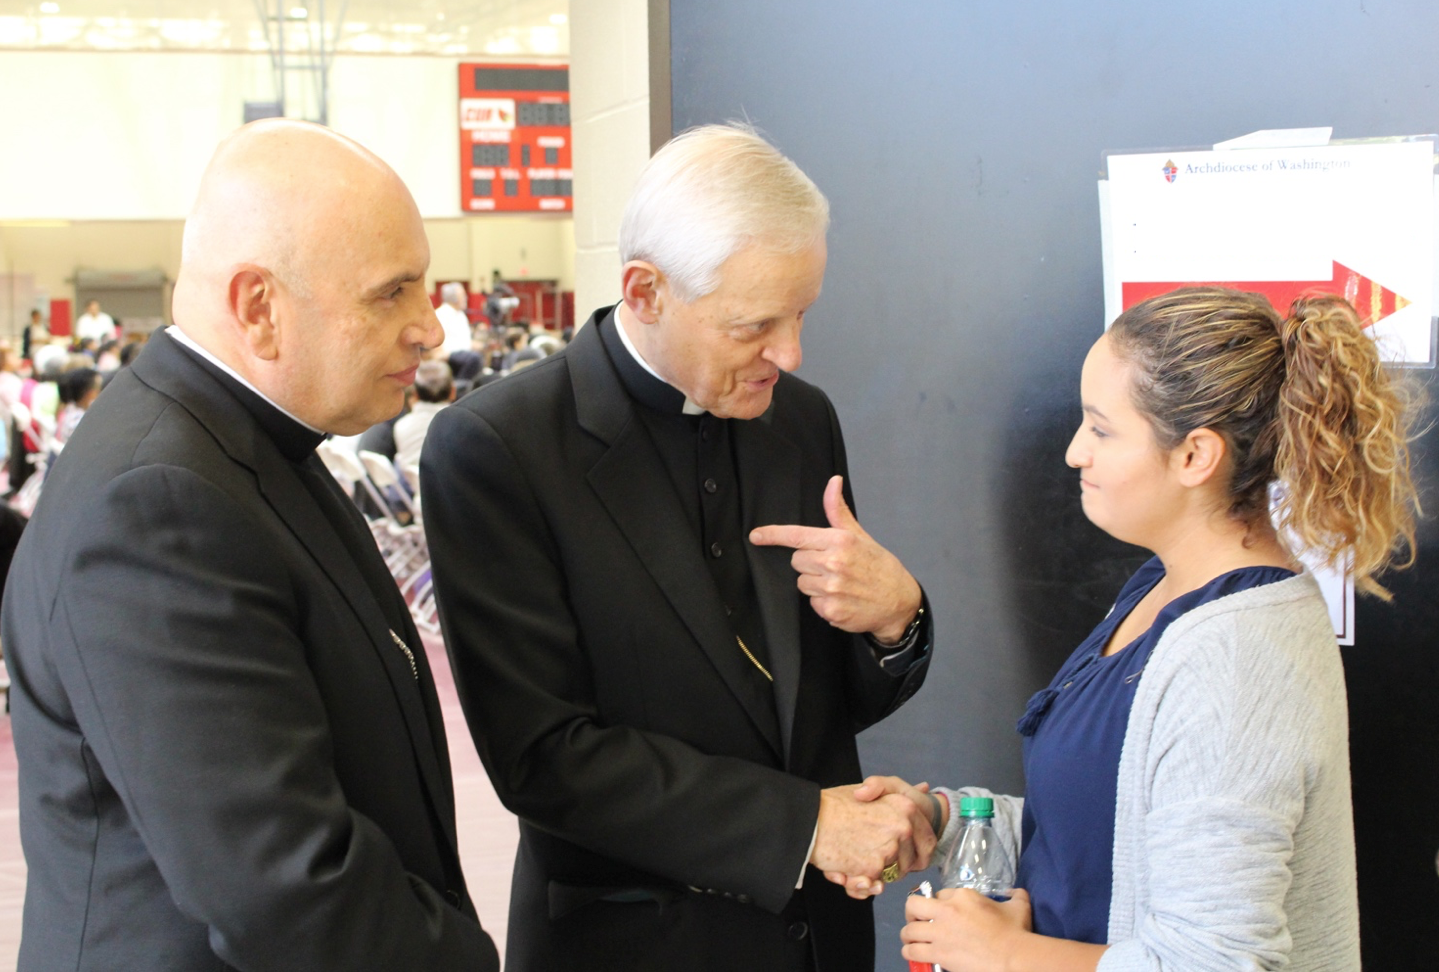 El Card. Donald Wuerl (centro) y Mons. Mario Dorsonville conversan con una joven DACA en Washington, DC © Enrique Soros